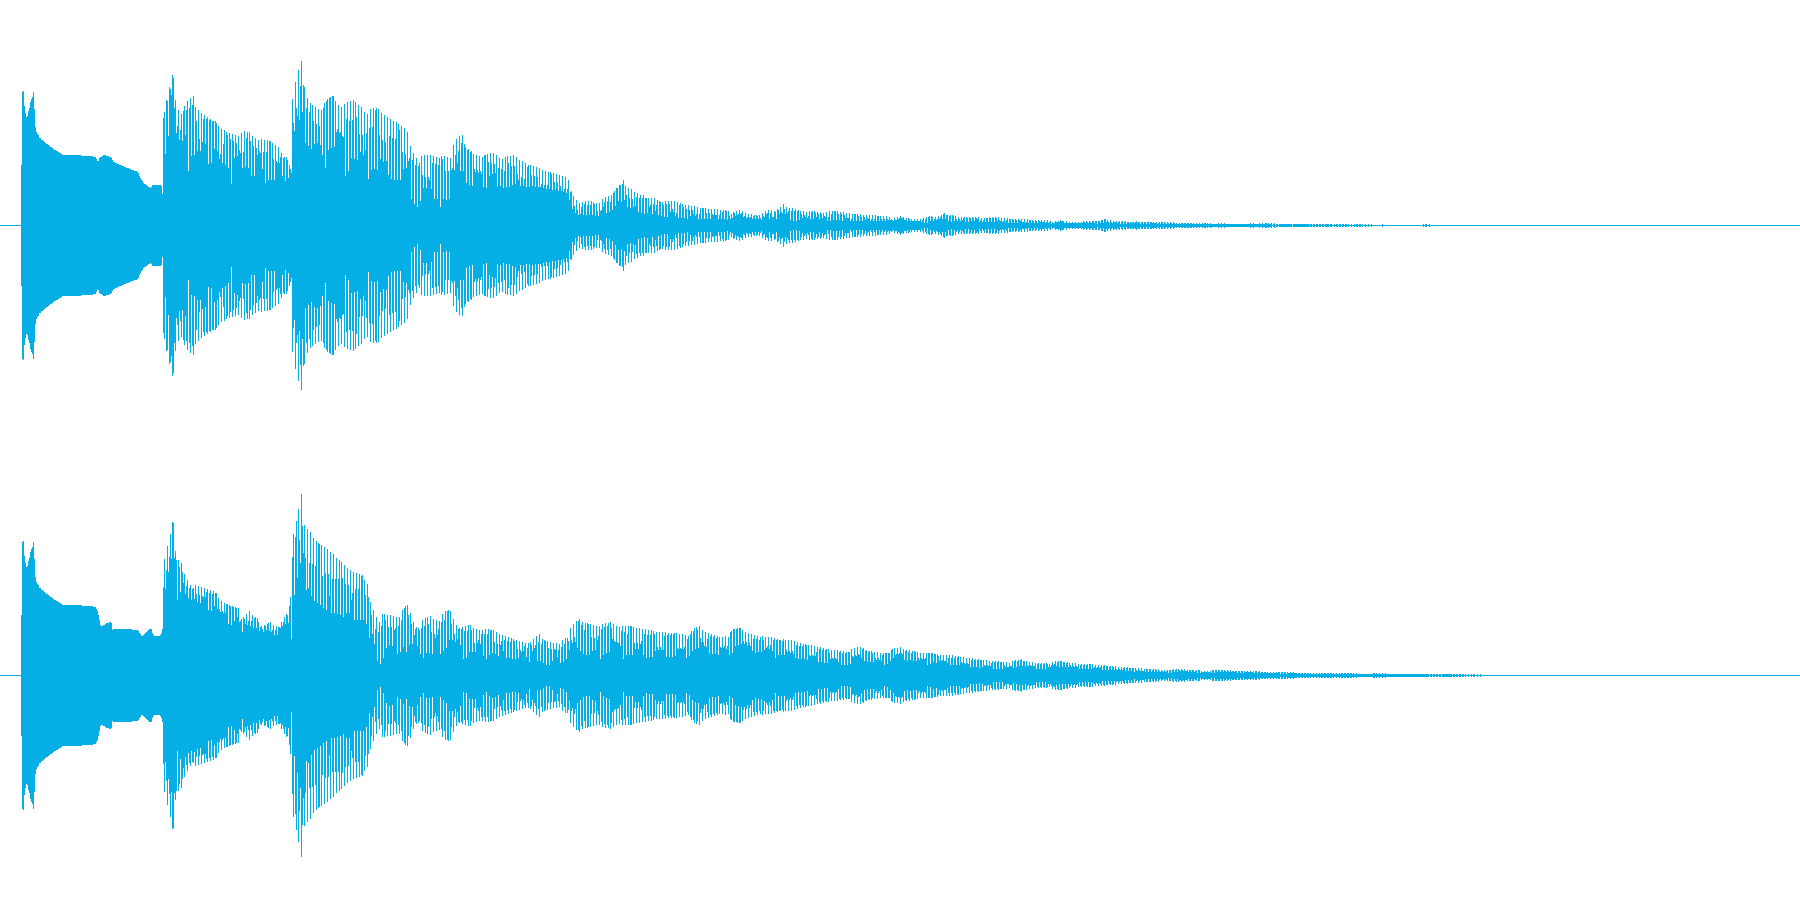 開閉音1の再生済みの波形